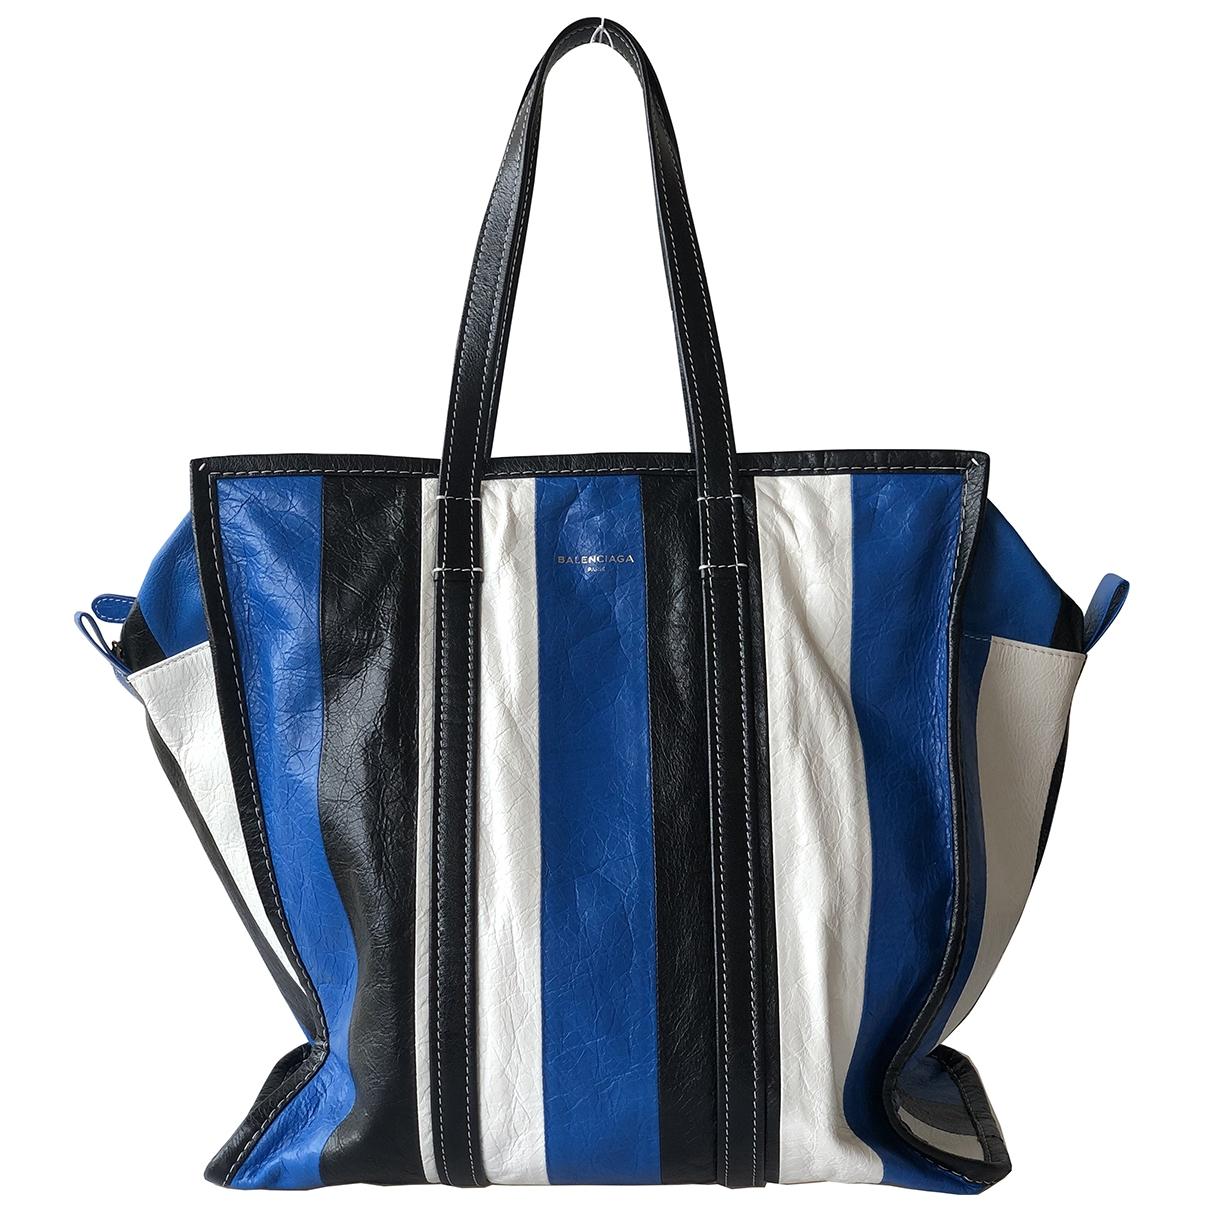 Balenciaga - Sac a main Bazar Bag pour femme en cuir - bleu